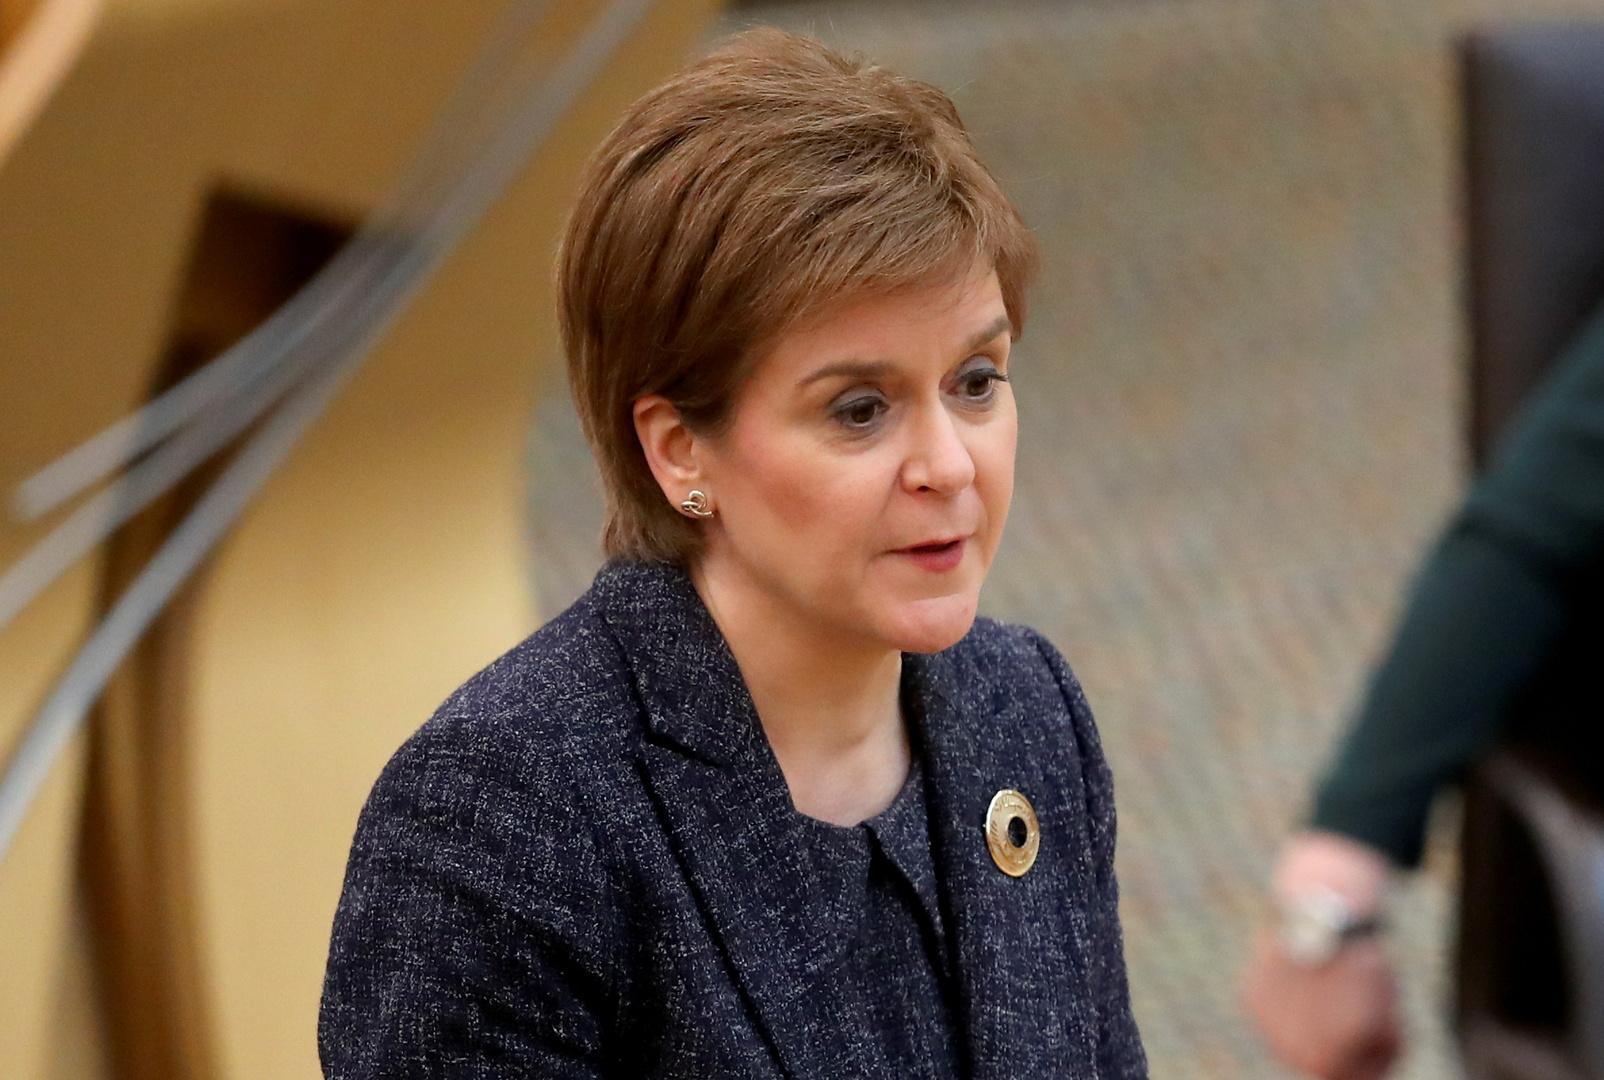 نيكولا ستيرجن، رئيسة وزراء اسكتلندا